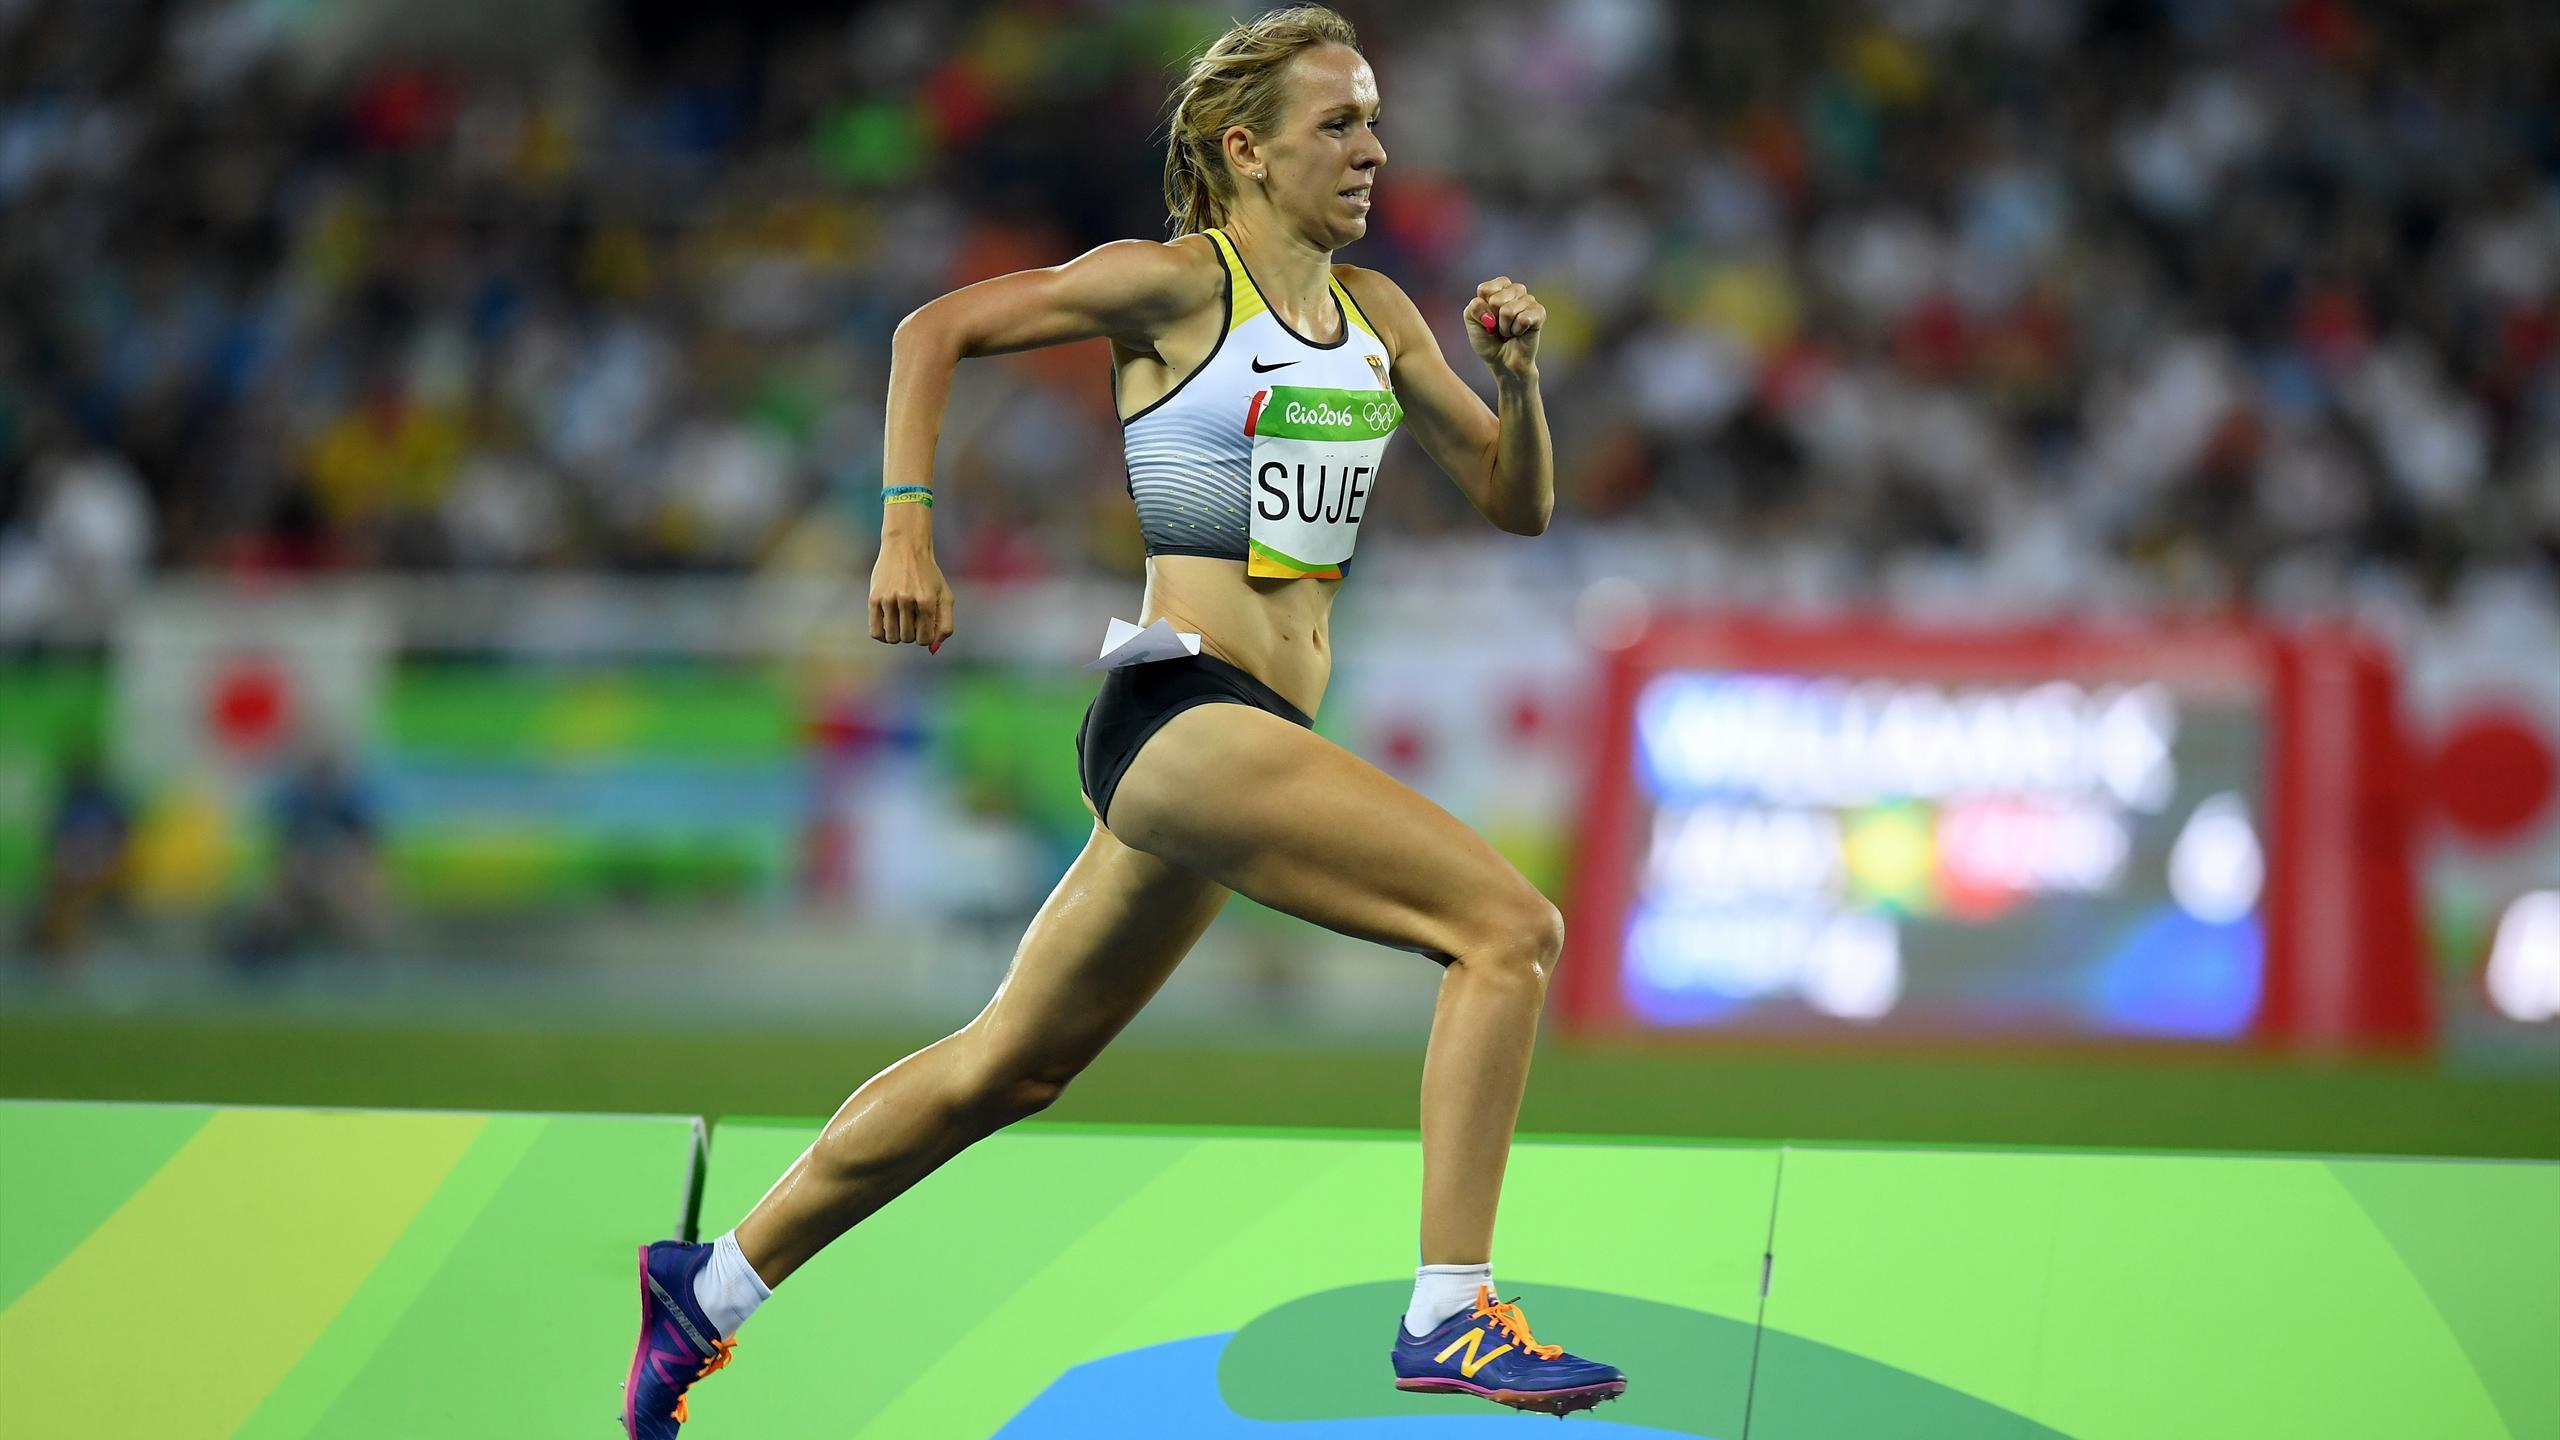 Leichtathletik Wm 1500m Frauen